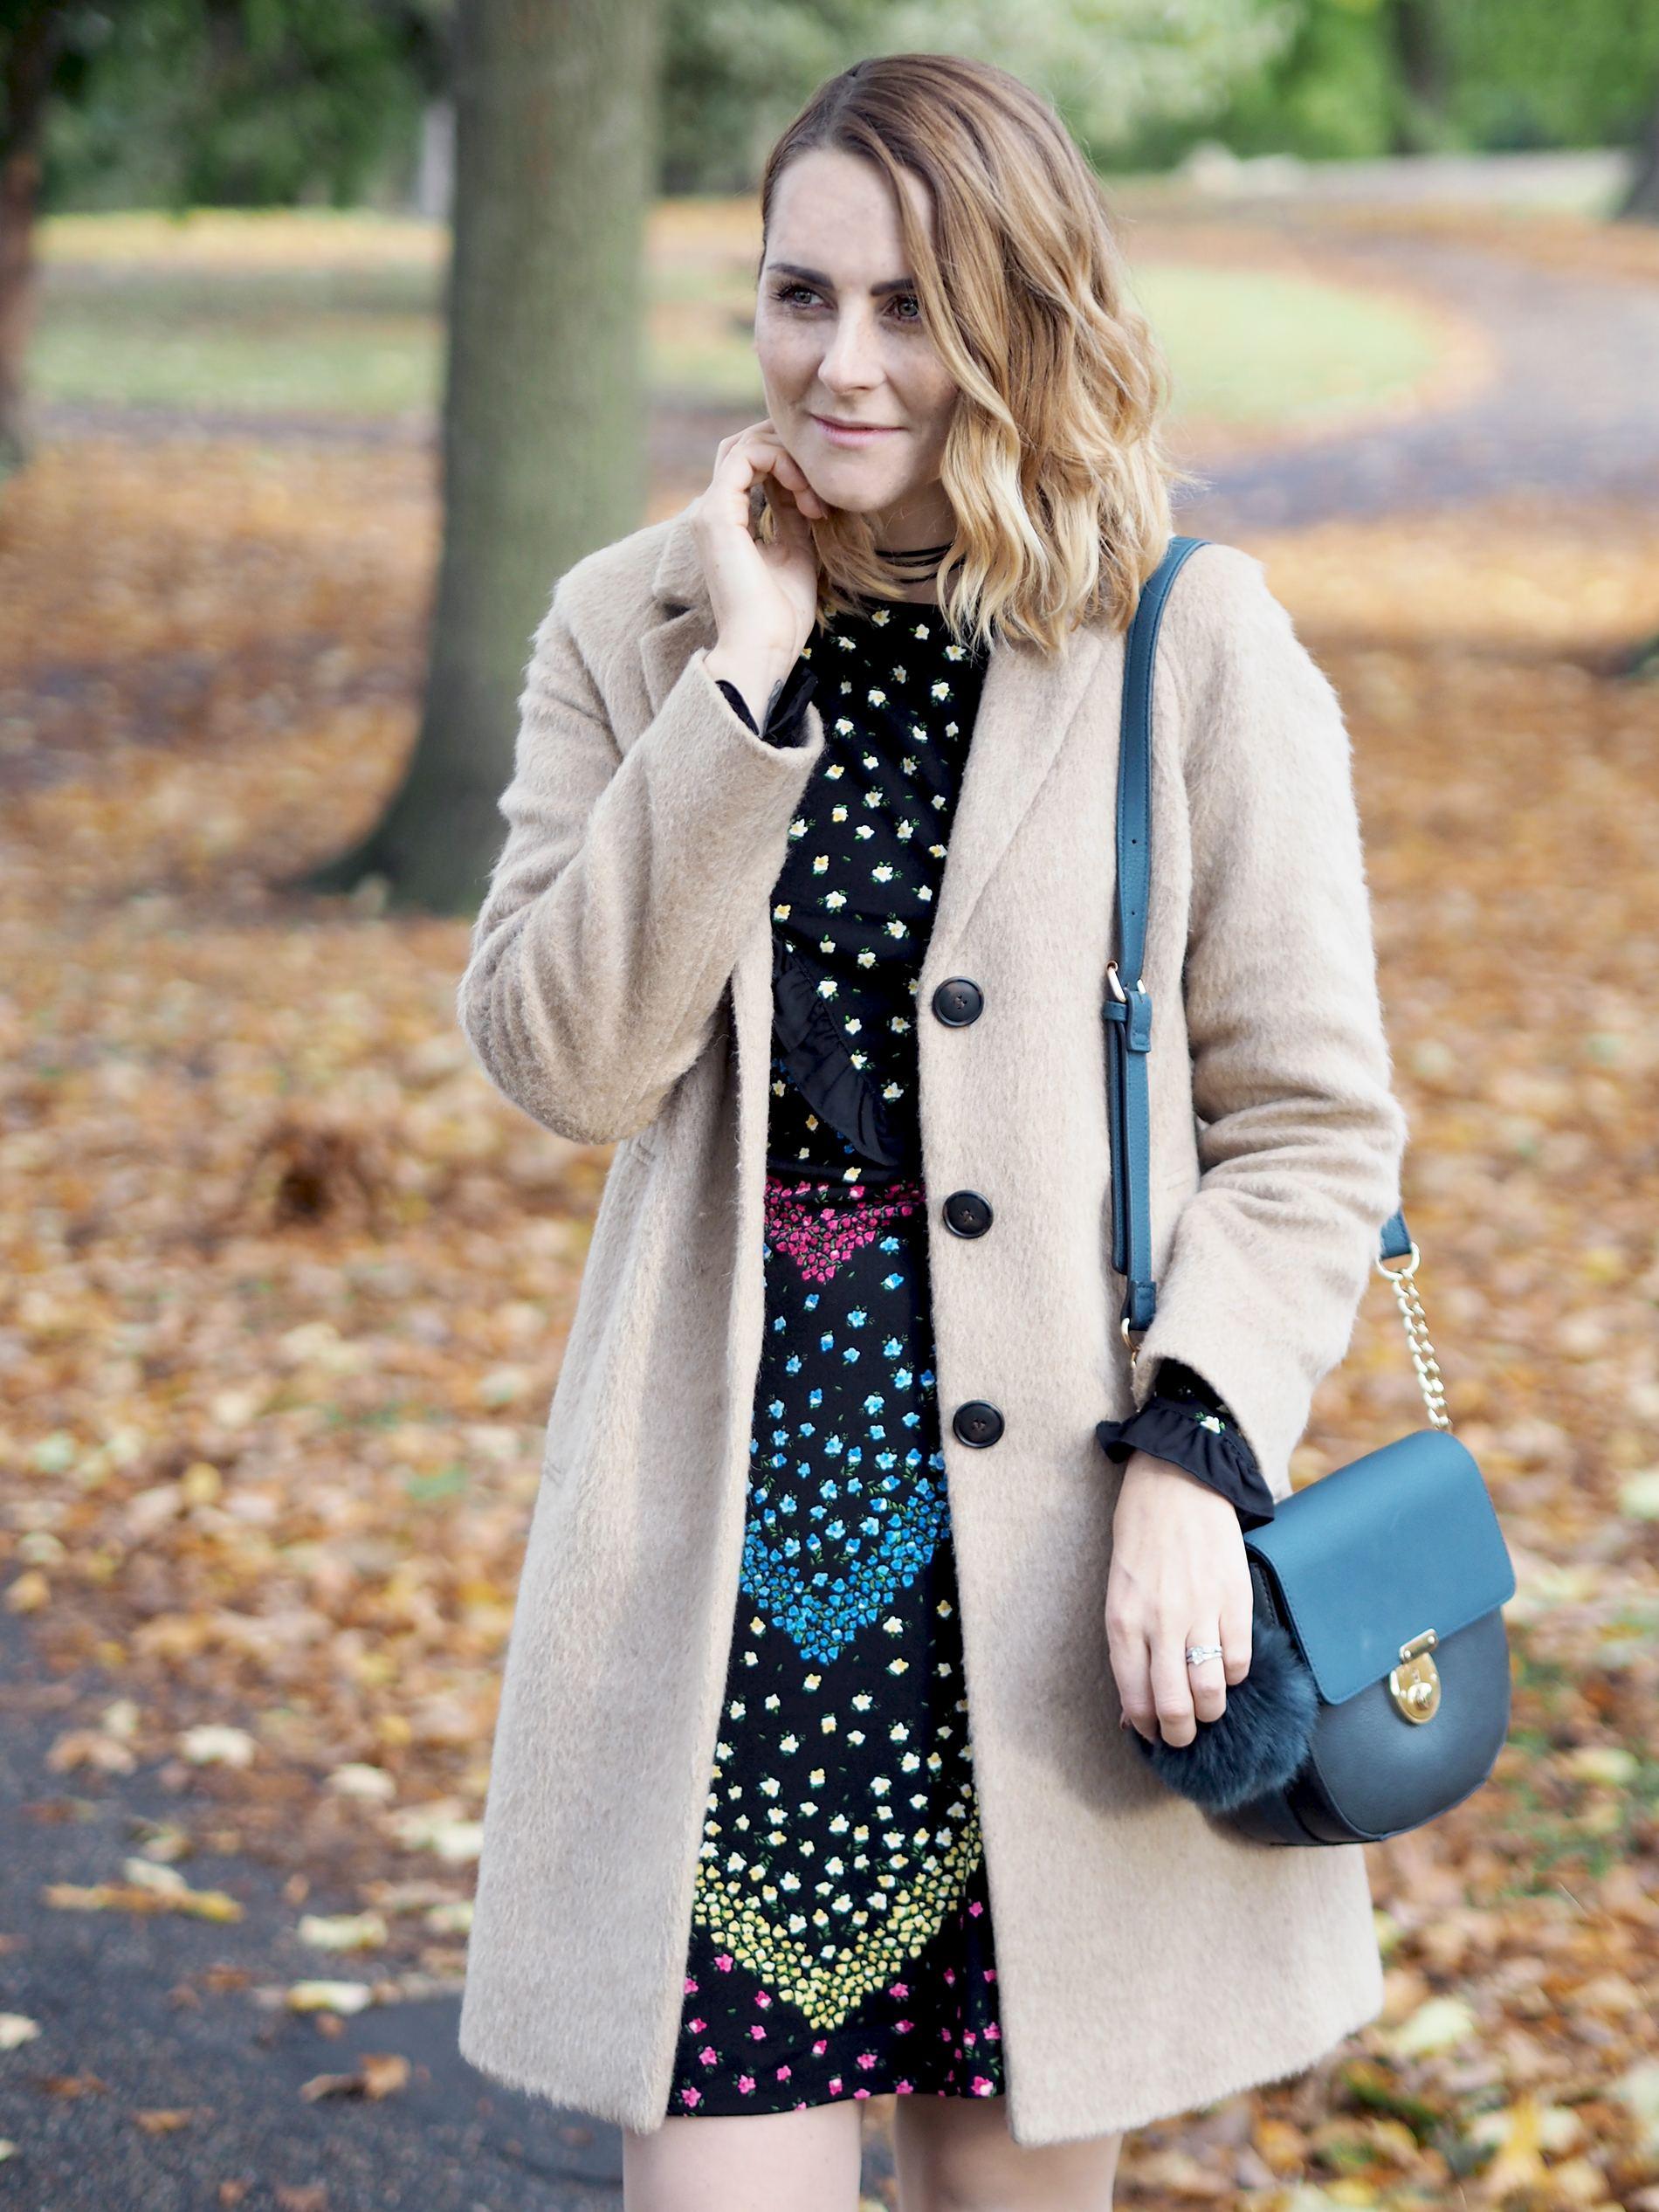 wear florals in autumn